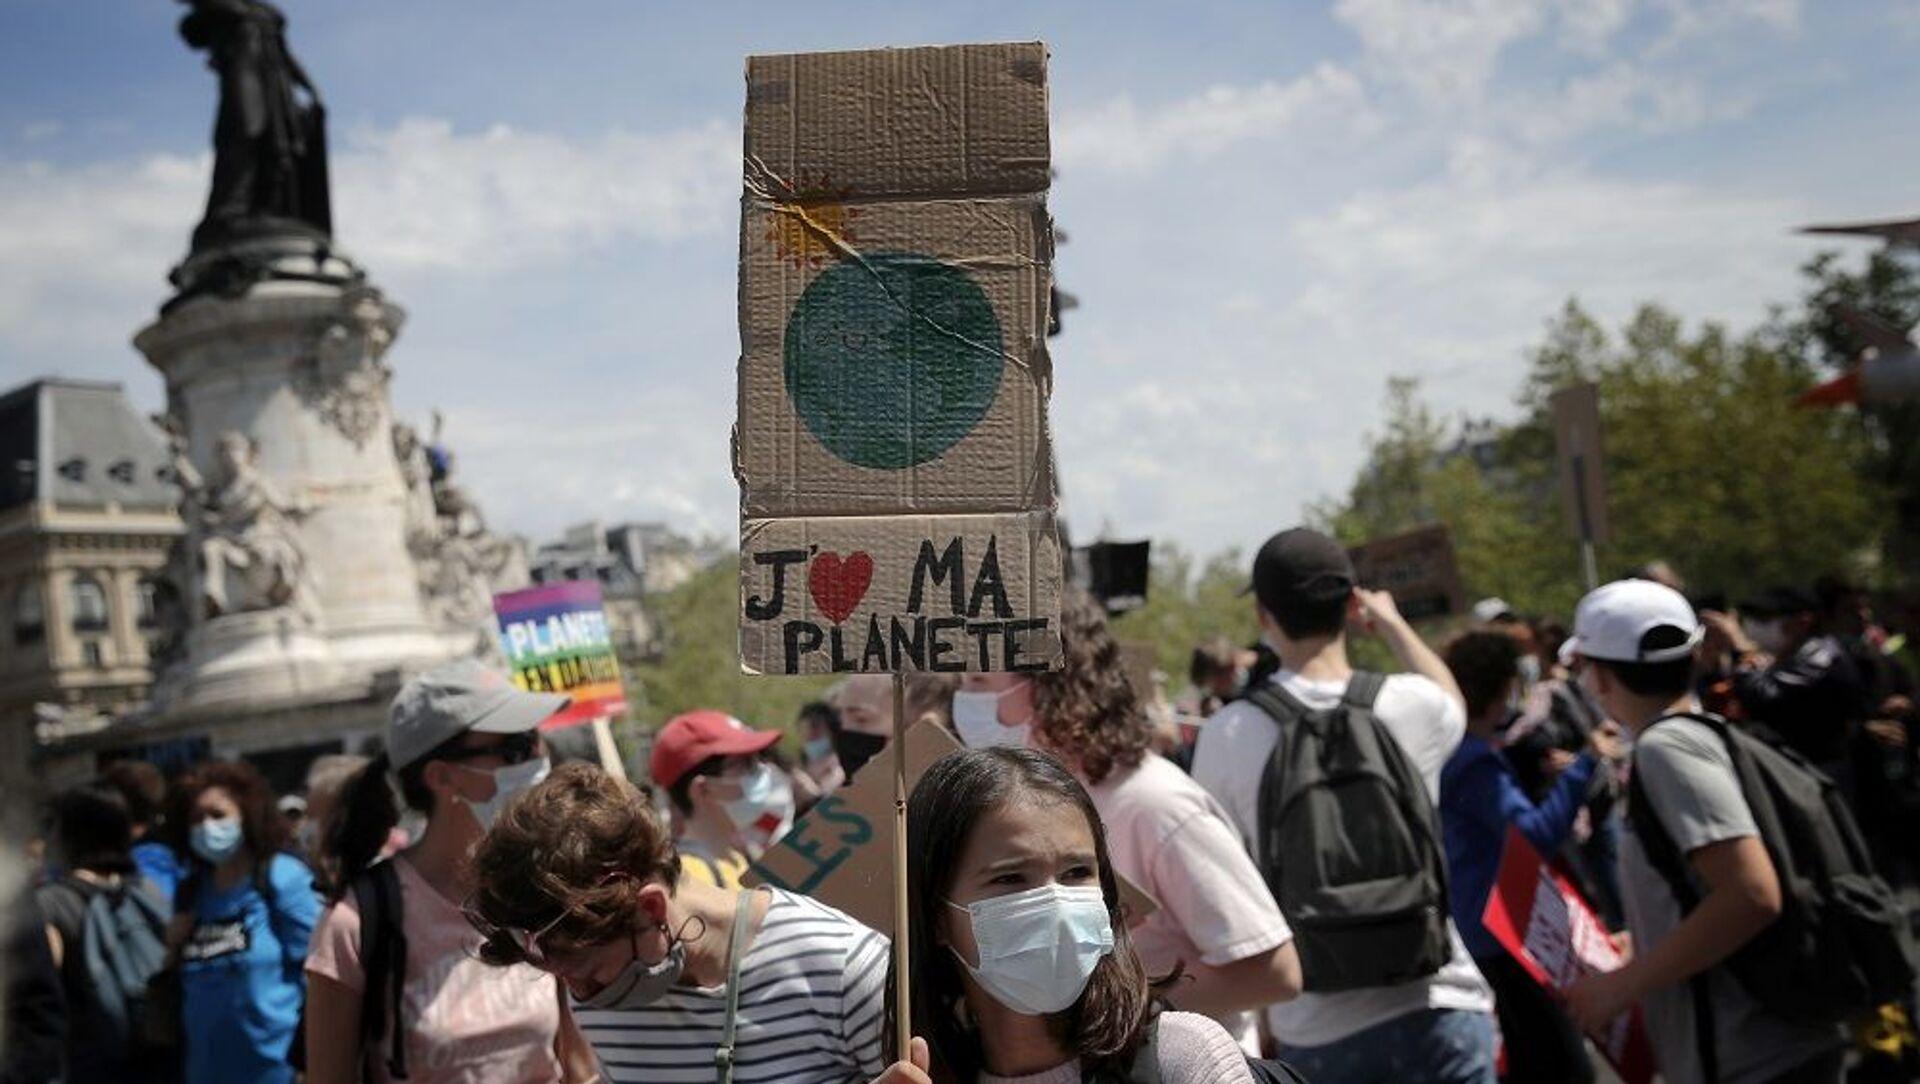 Paris'te çevreciler, Cumhurbaşkanı Macron'un iklim politikasını protesto etti - Sputnik Türkiye, 1920, 09.05.2021